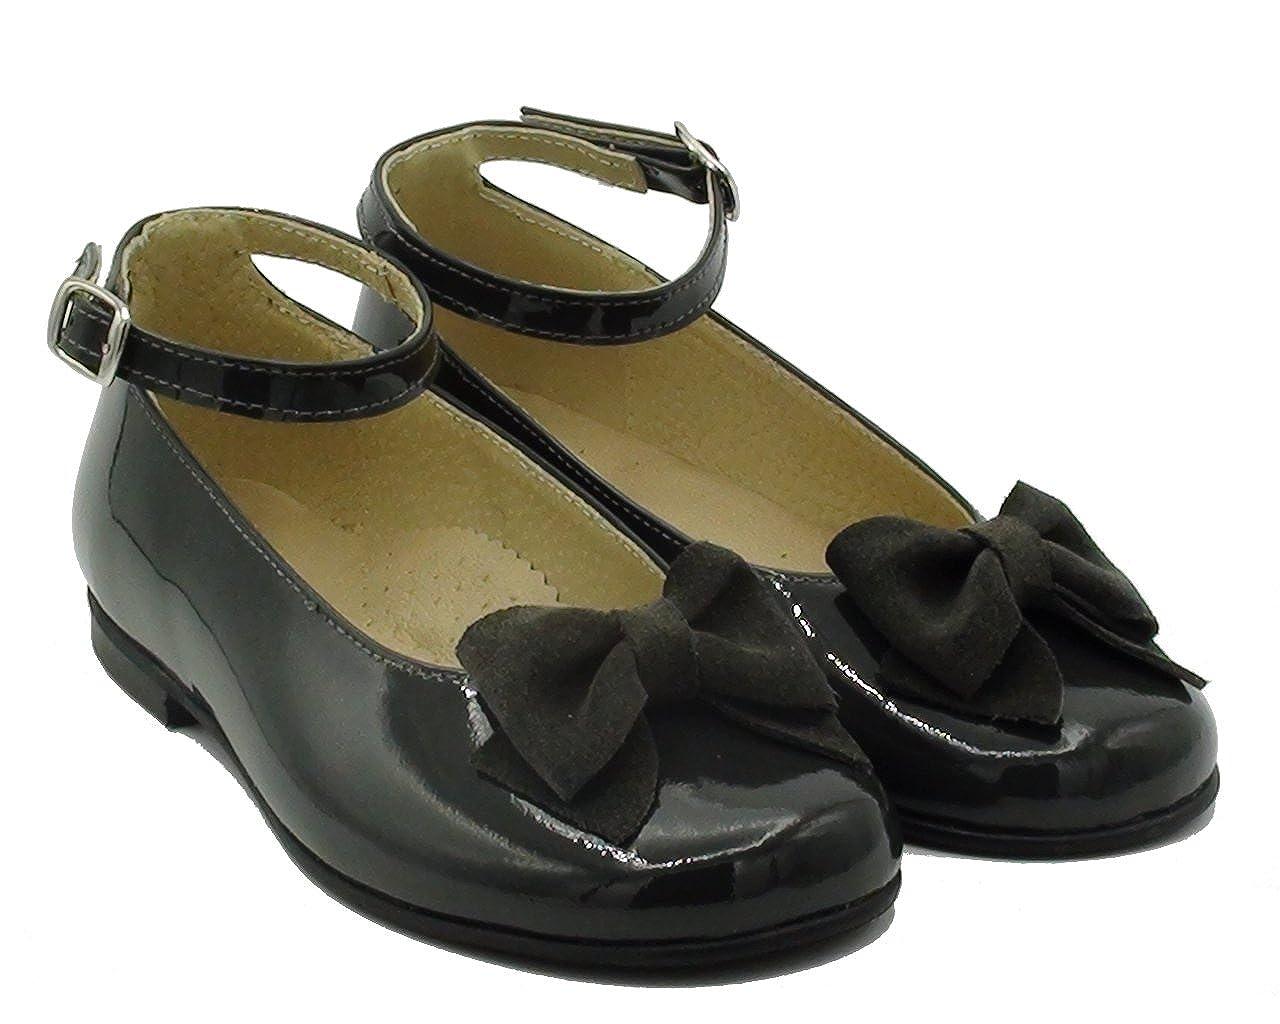 ZAPATO NIÑA CON PULSERA Y LAZO E1911 CHAROL GRIS: Amazon.es: Zapatos ...